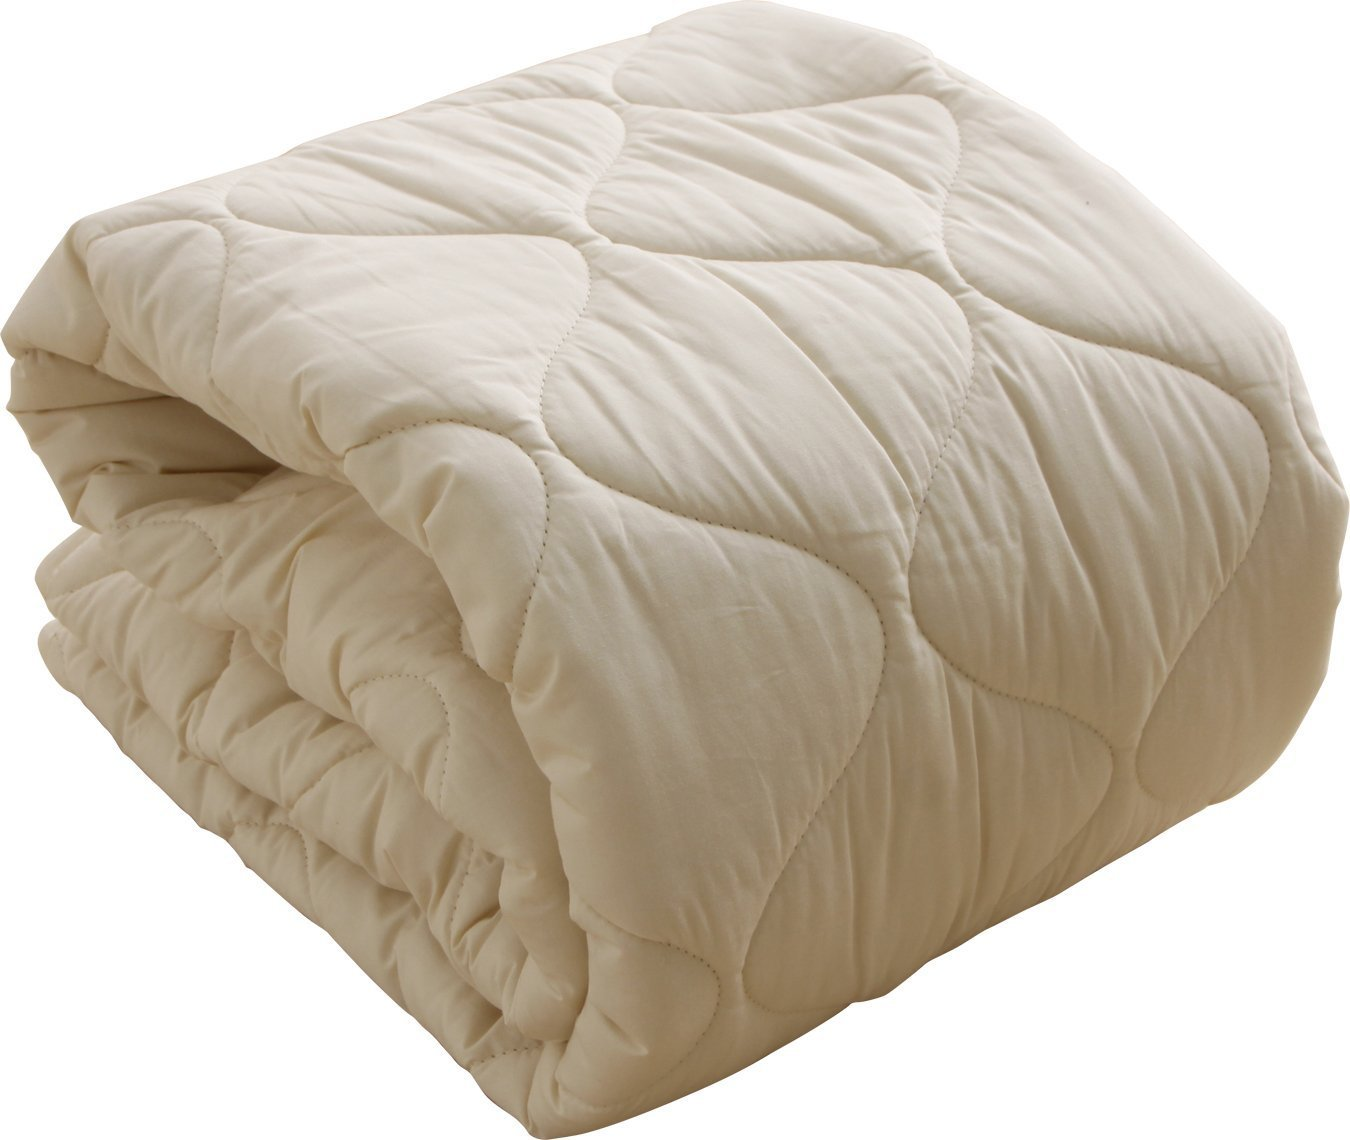 IRIS PLAZA フランス産 ウォシャブルウール100% ベッドパット 10BP850-SIR